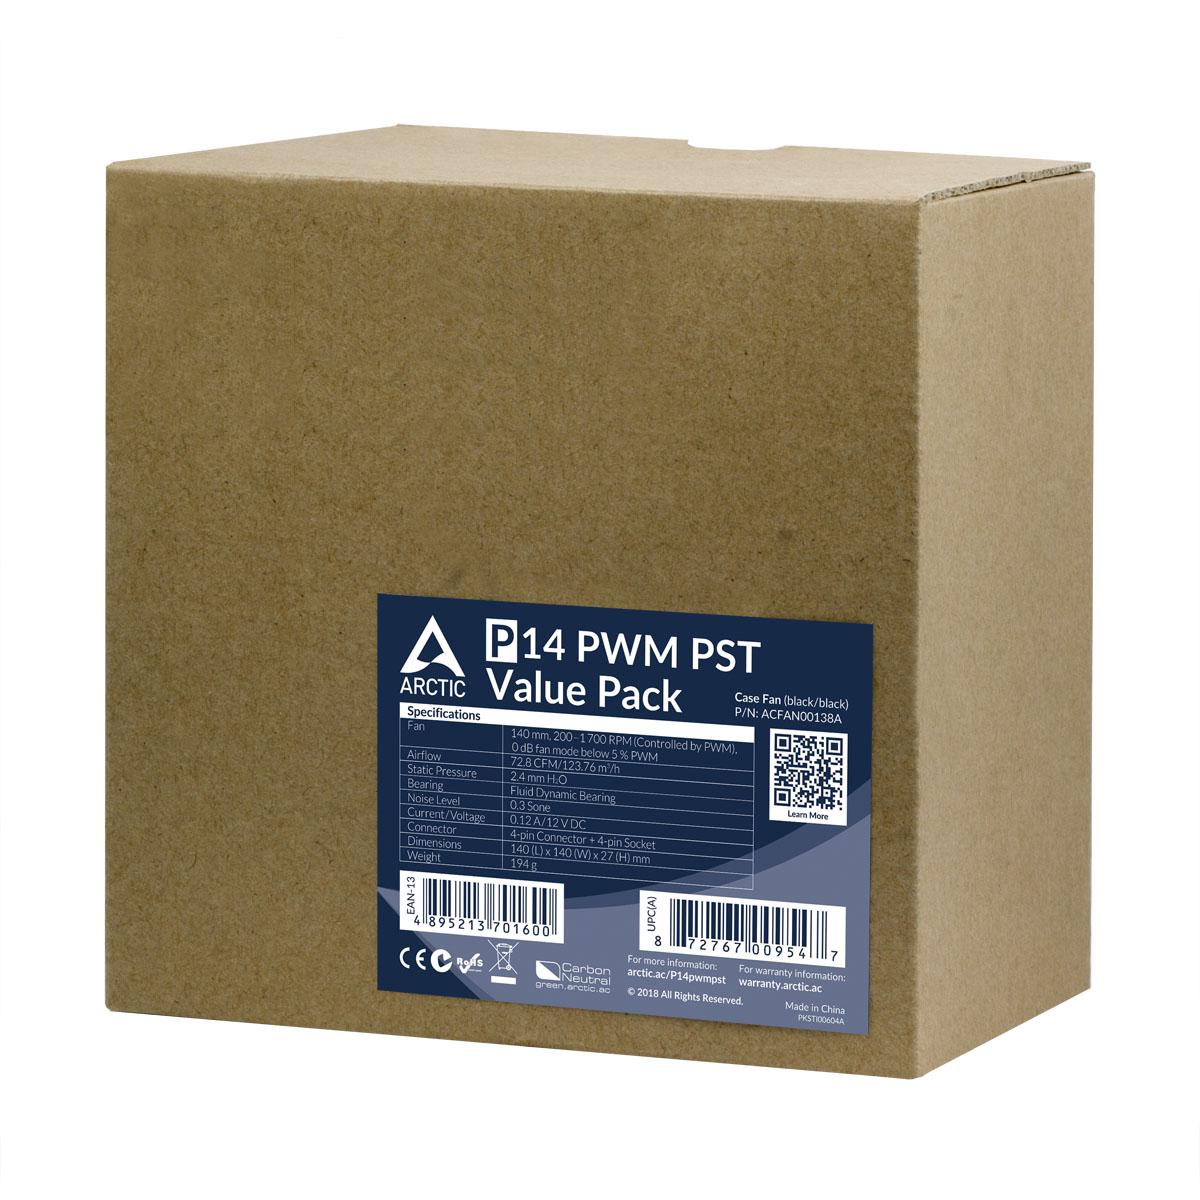 P14_PWM_PST_Value_Pack_G05